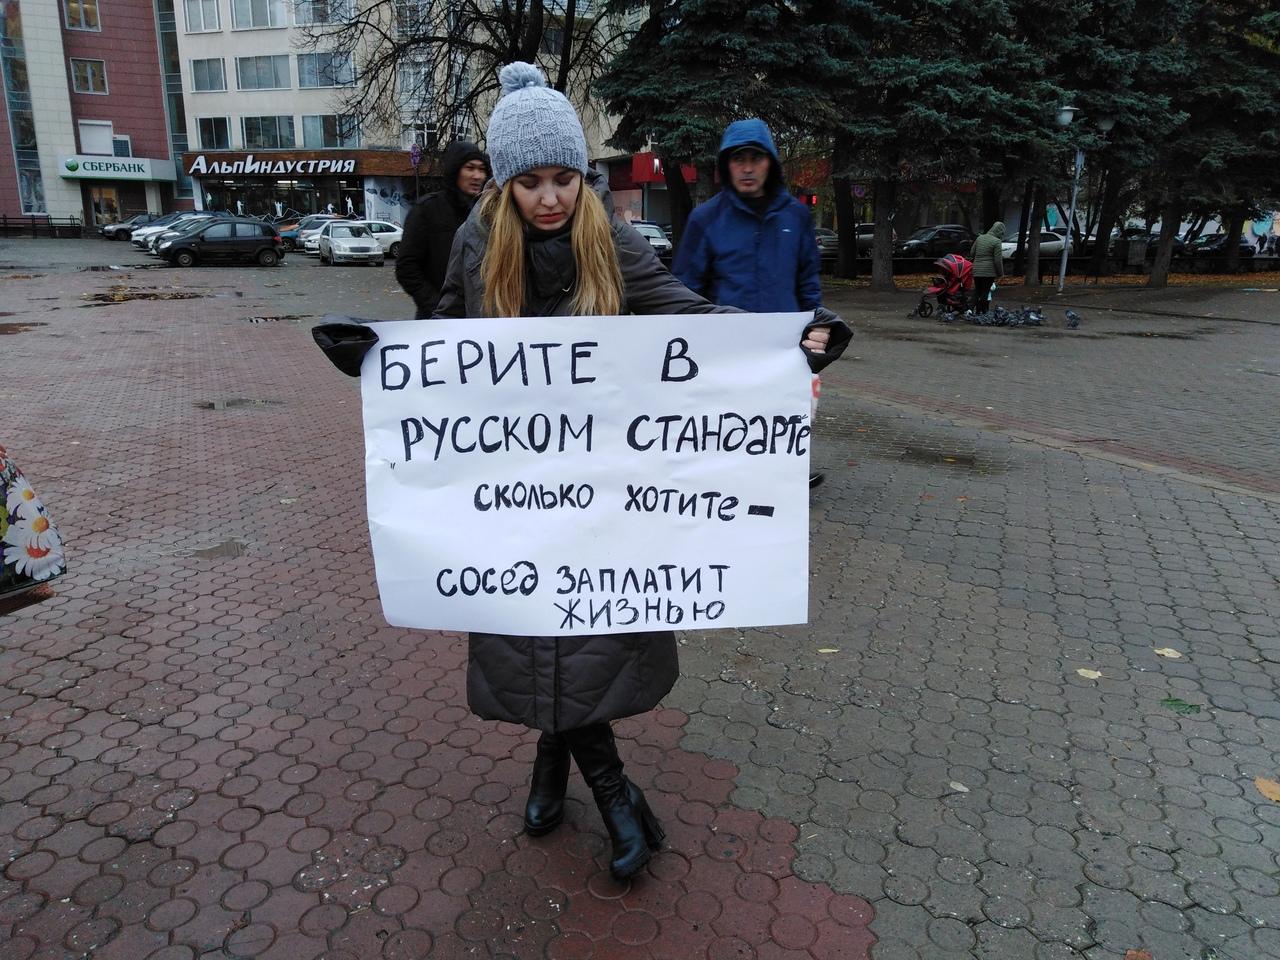 Брала кредит в русском стандарте